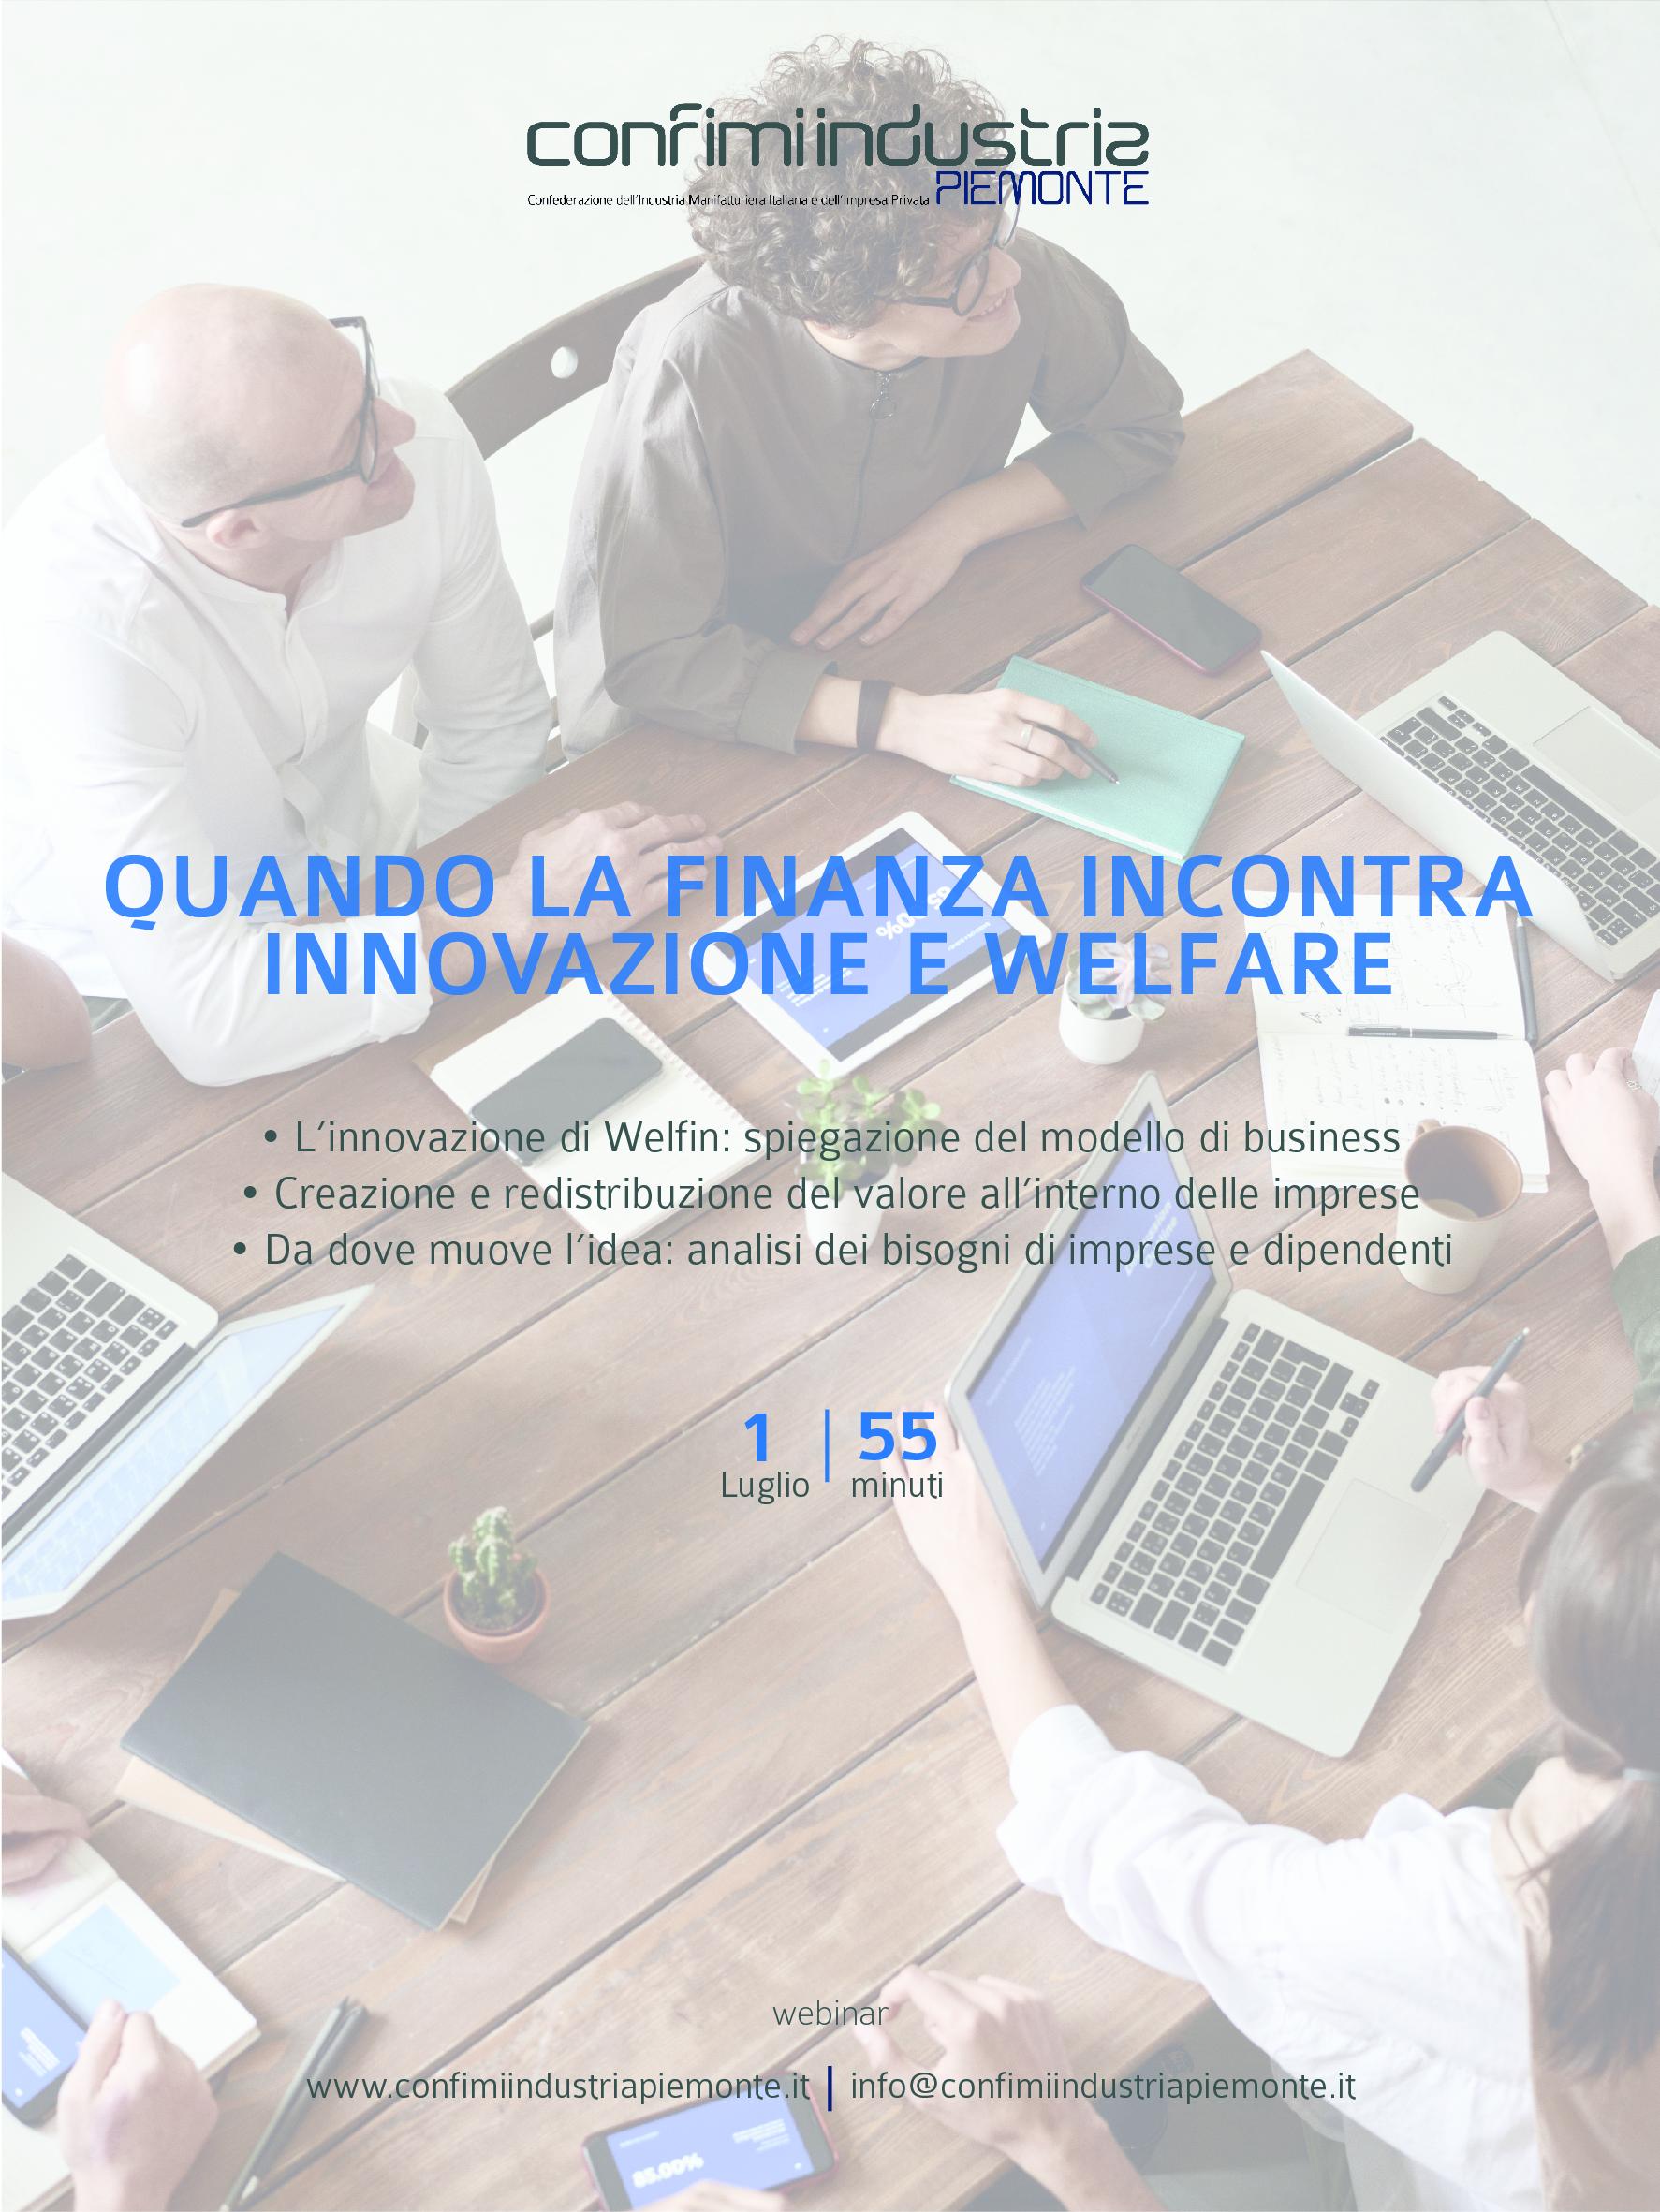 Flyer - Quando la finanza incontra innovazione e welfare_Tavola disegno 1 copia 11-15_Tavola disegno 1 copia 11-15